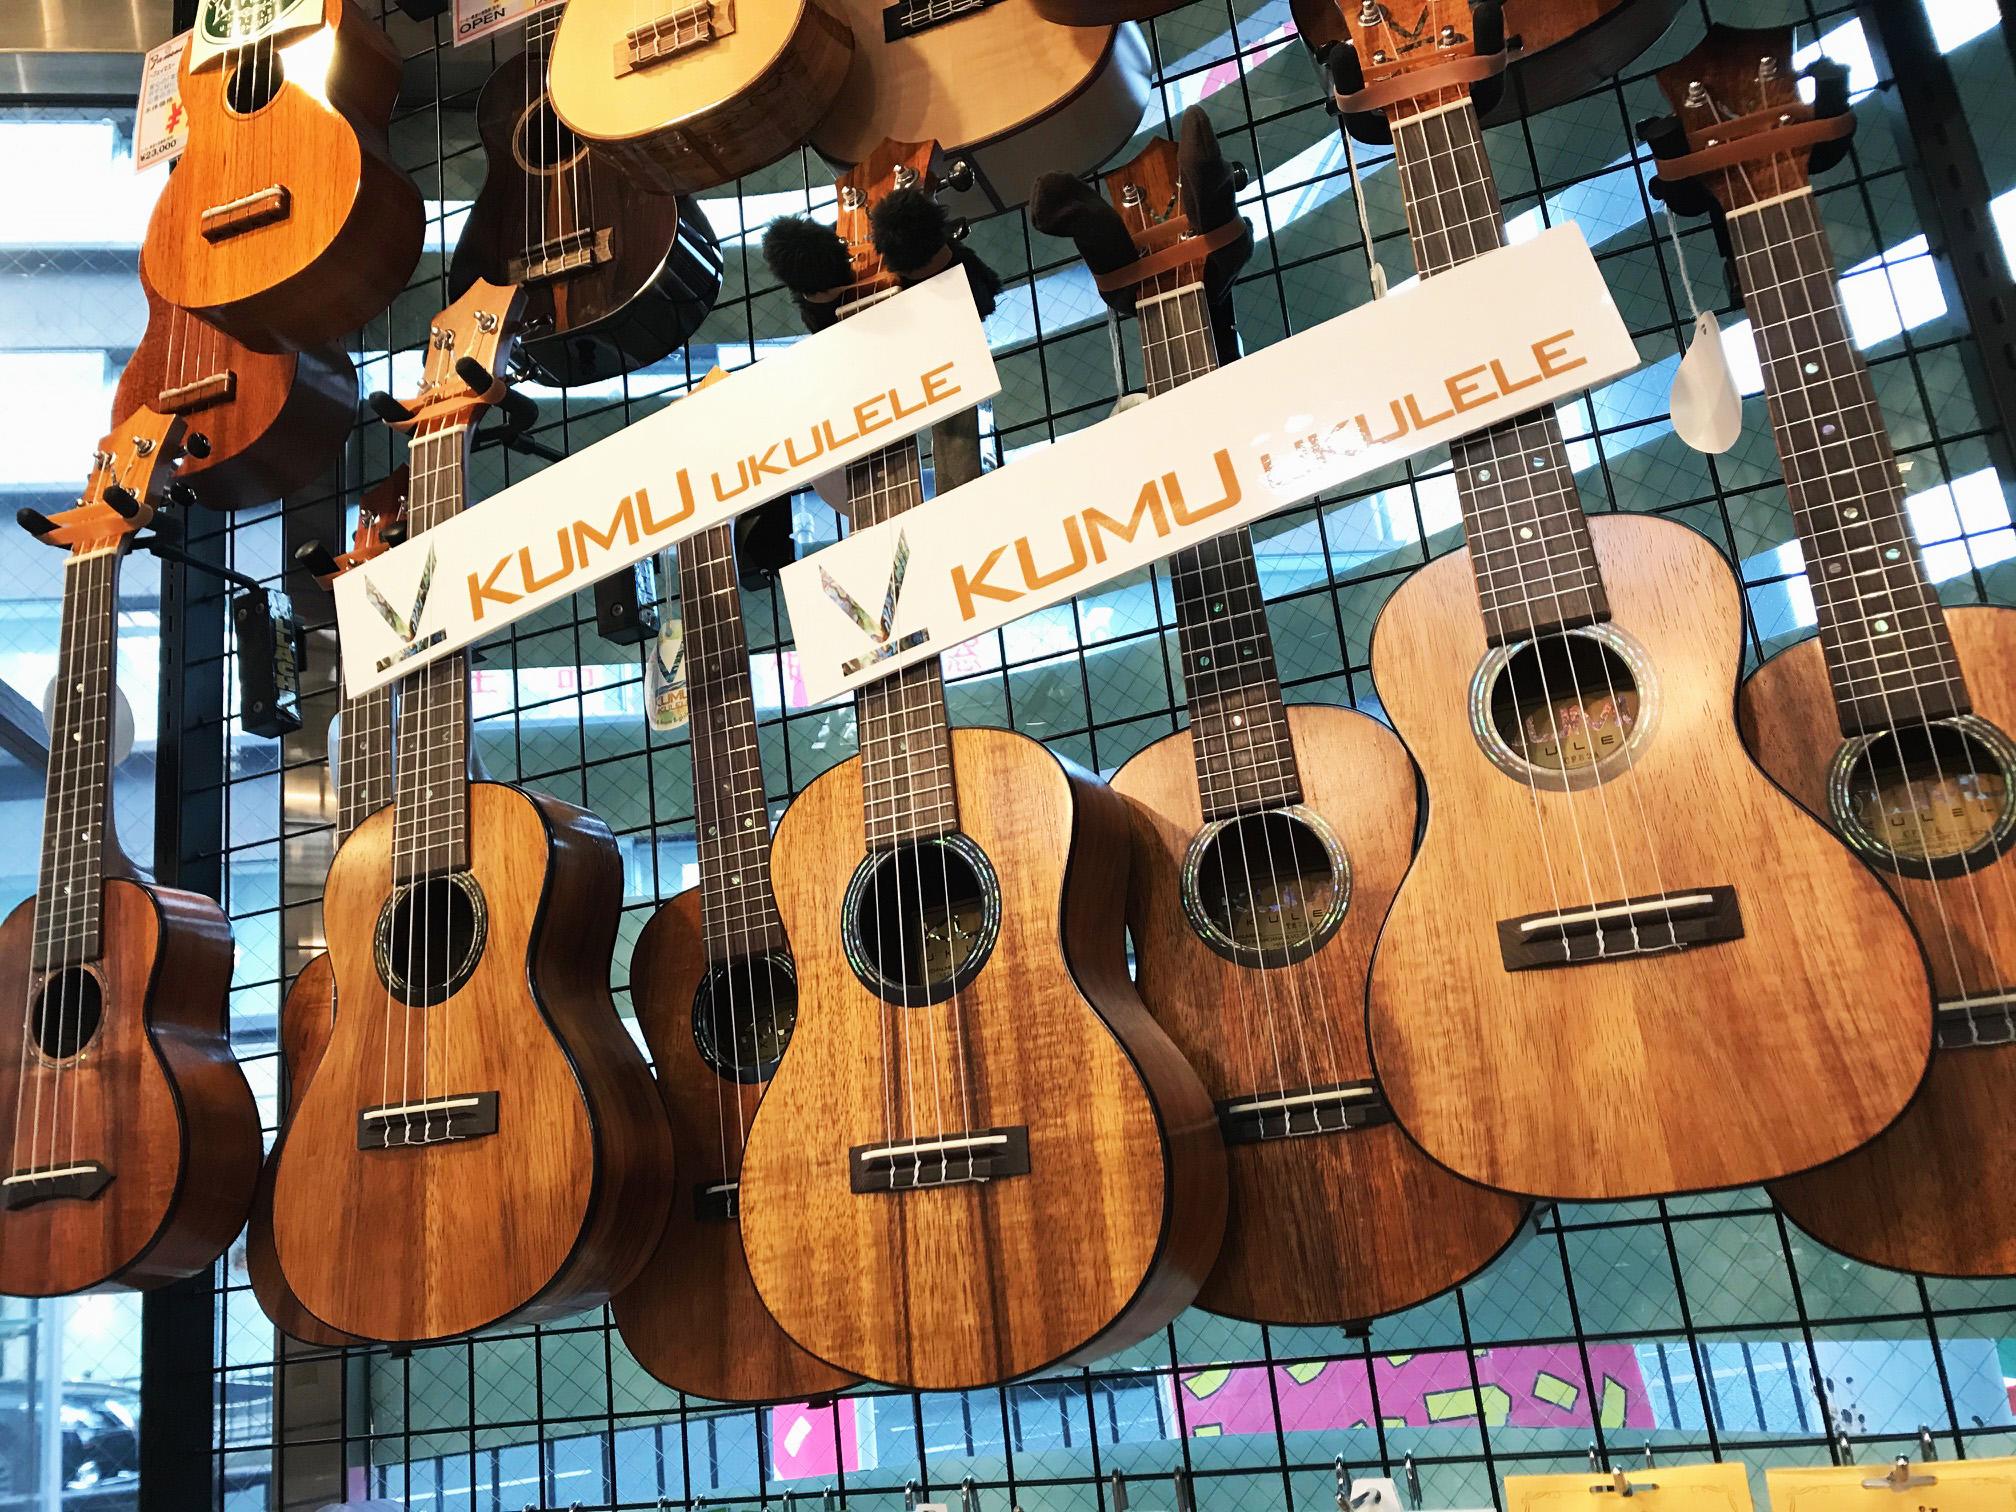 大東楽器枚方店にてKUMUウクレレフェア開催中